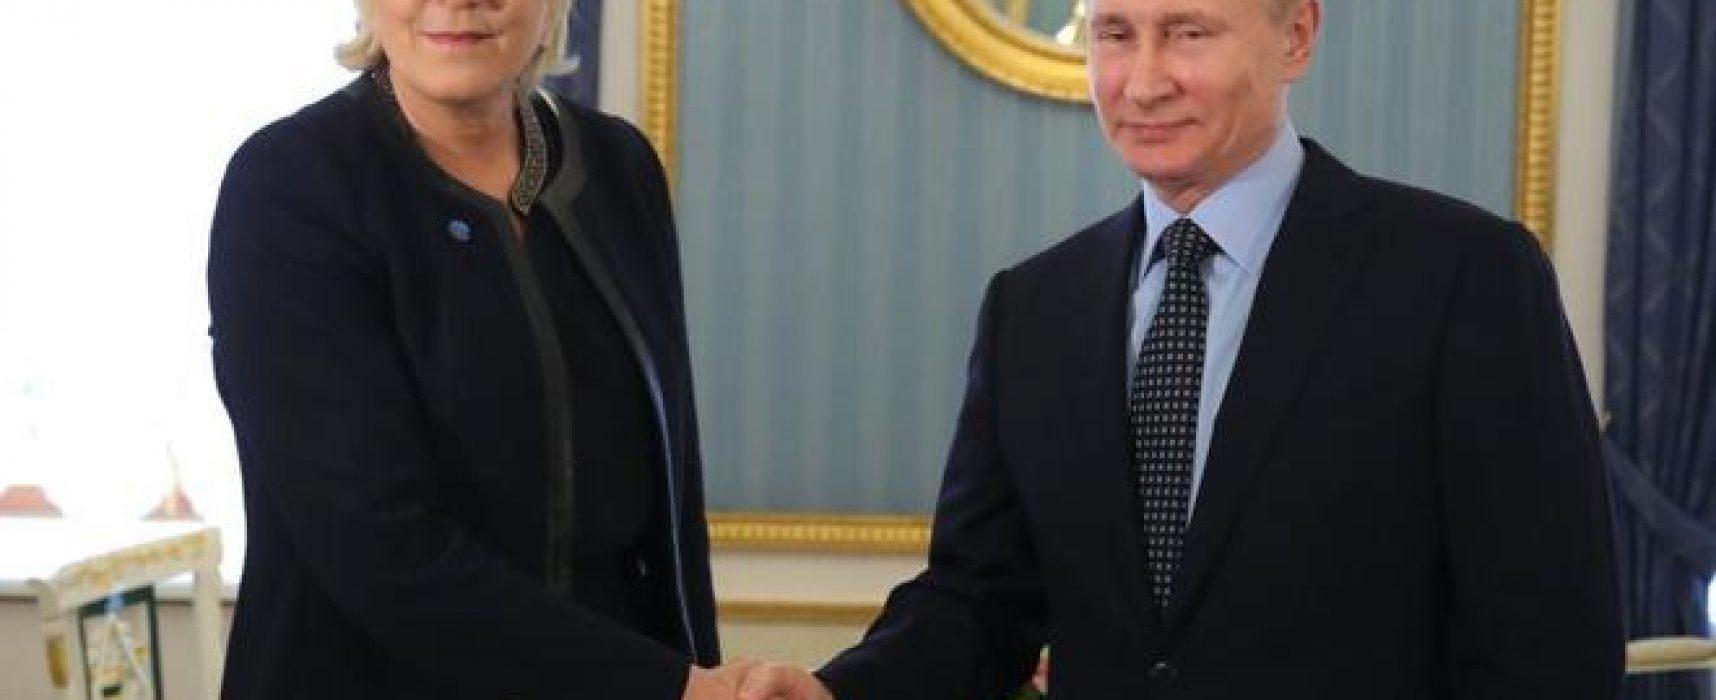 Così Putin lavora per dare scossoni all'Europa